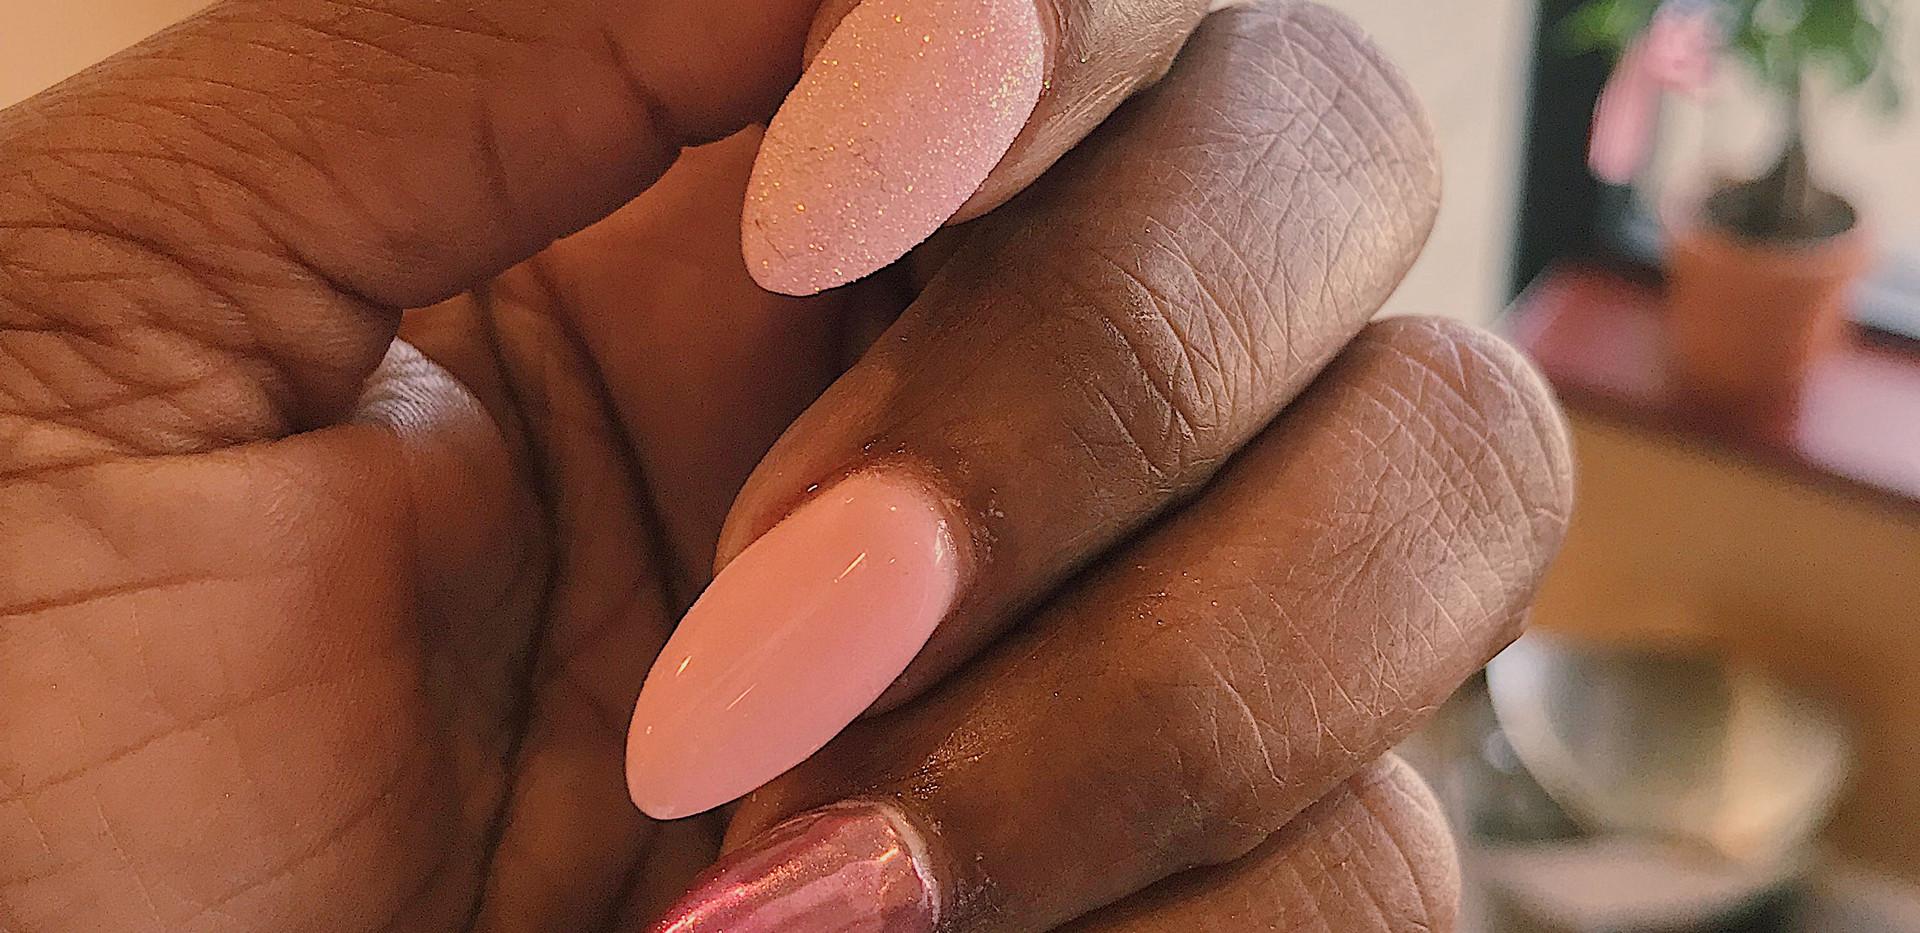 A little pink never hurt anyone